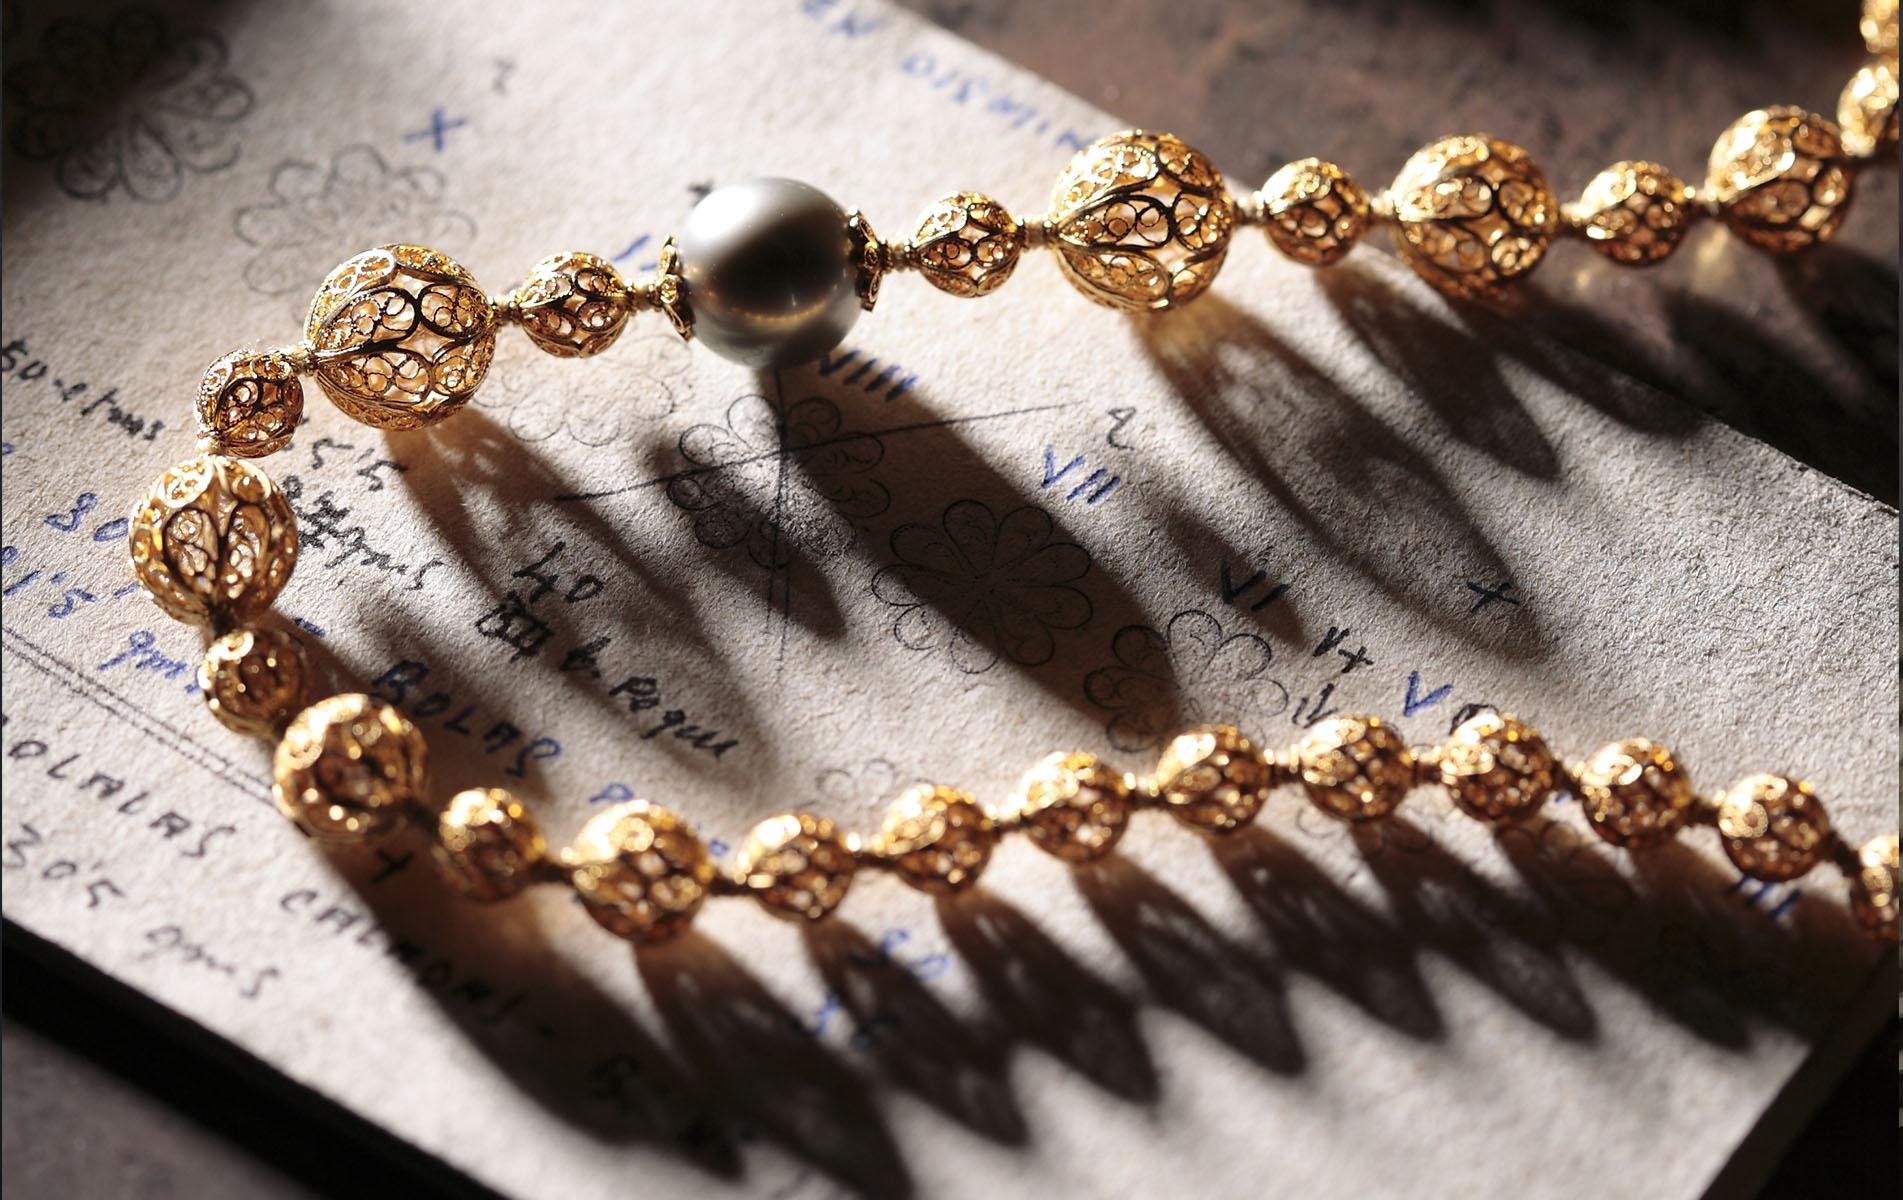 pendientes largos de plata para mujer, joyas para regalar, pendientes de plata para regalo, regalar pendientes aniversario, joyas luis mendez artesanos, joyasmarket